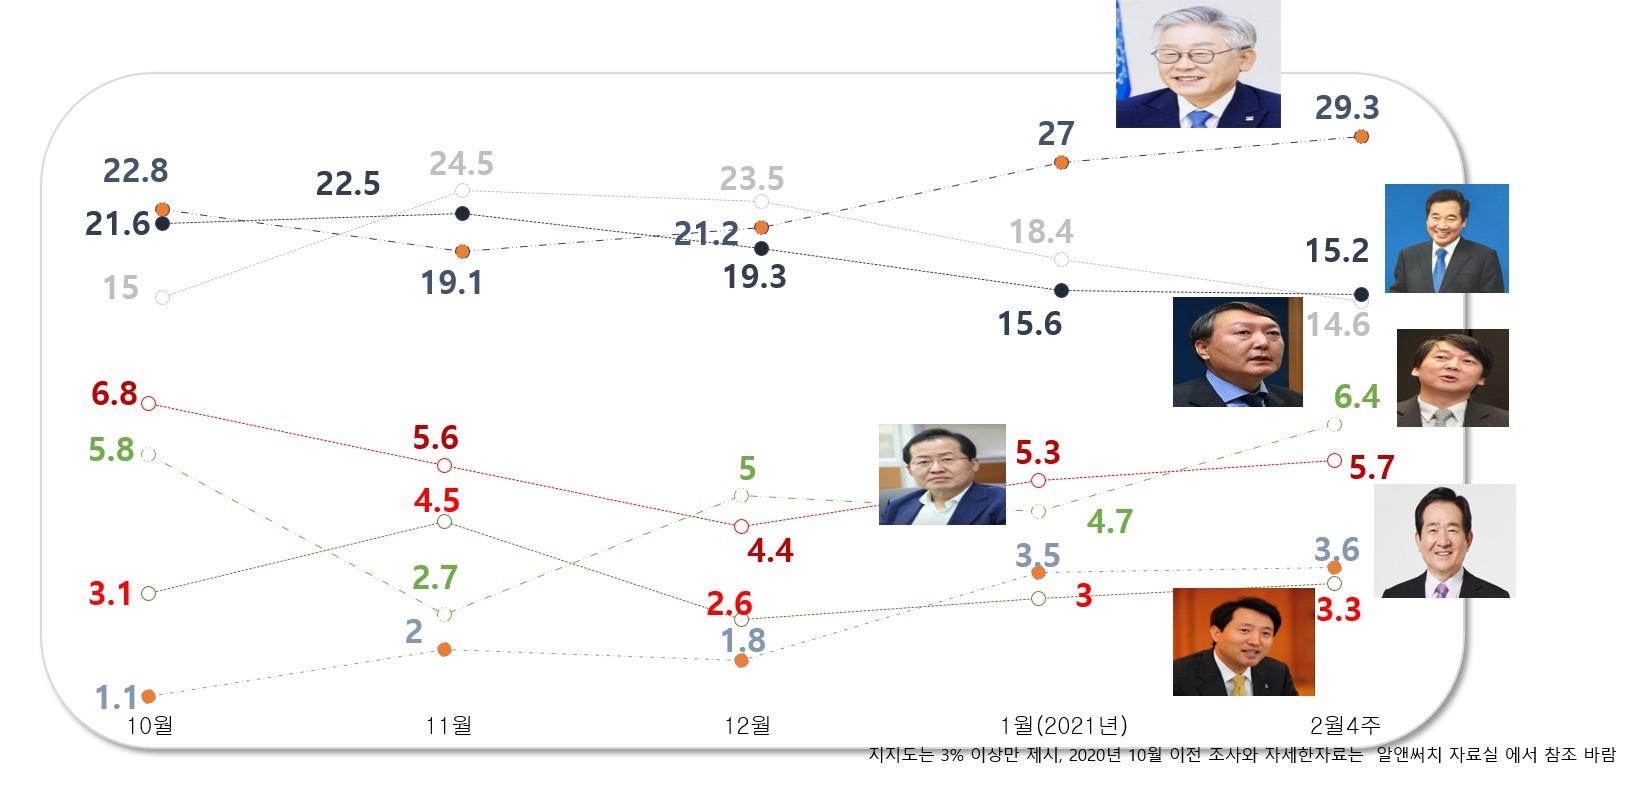 차기 정치 지도자